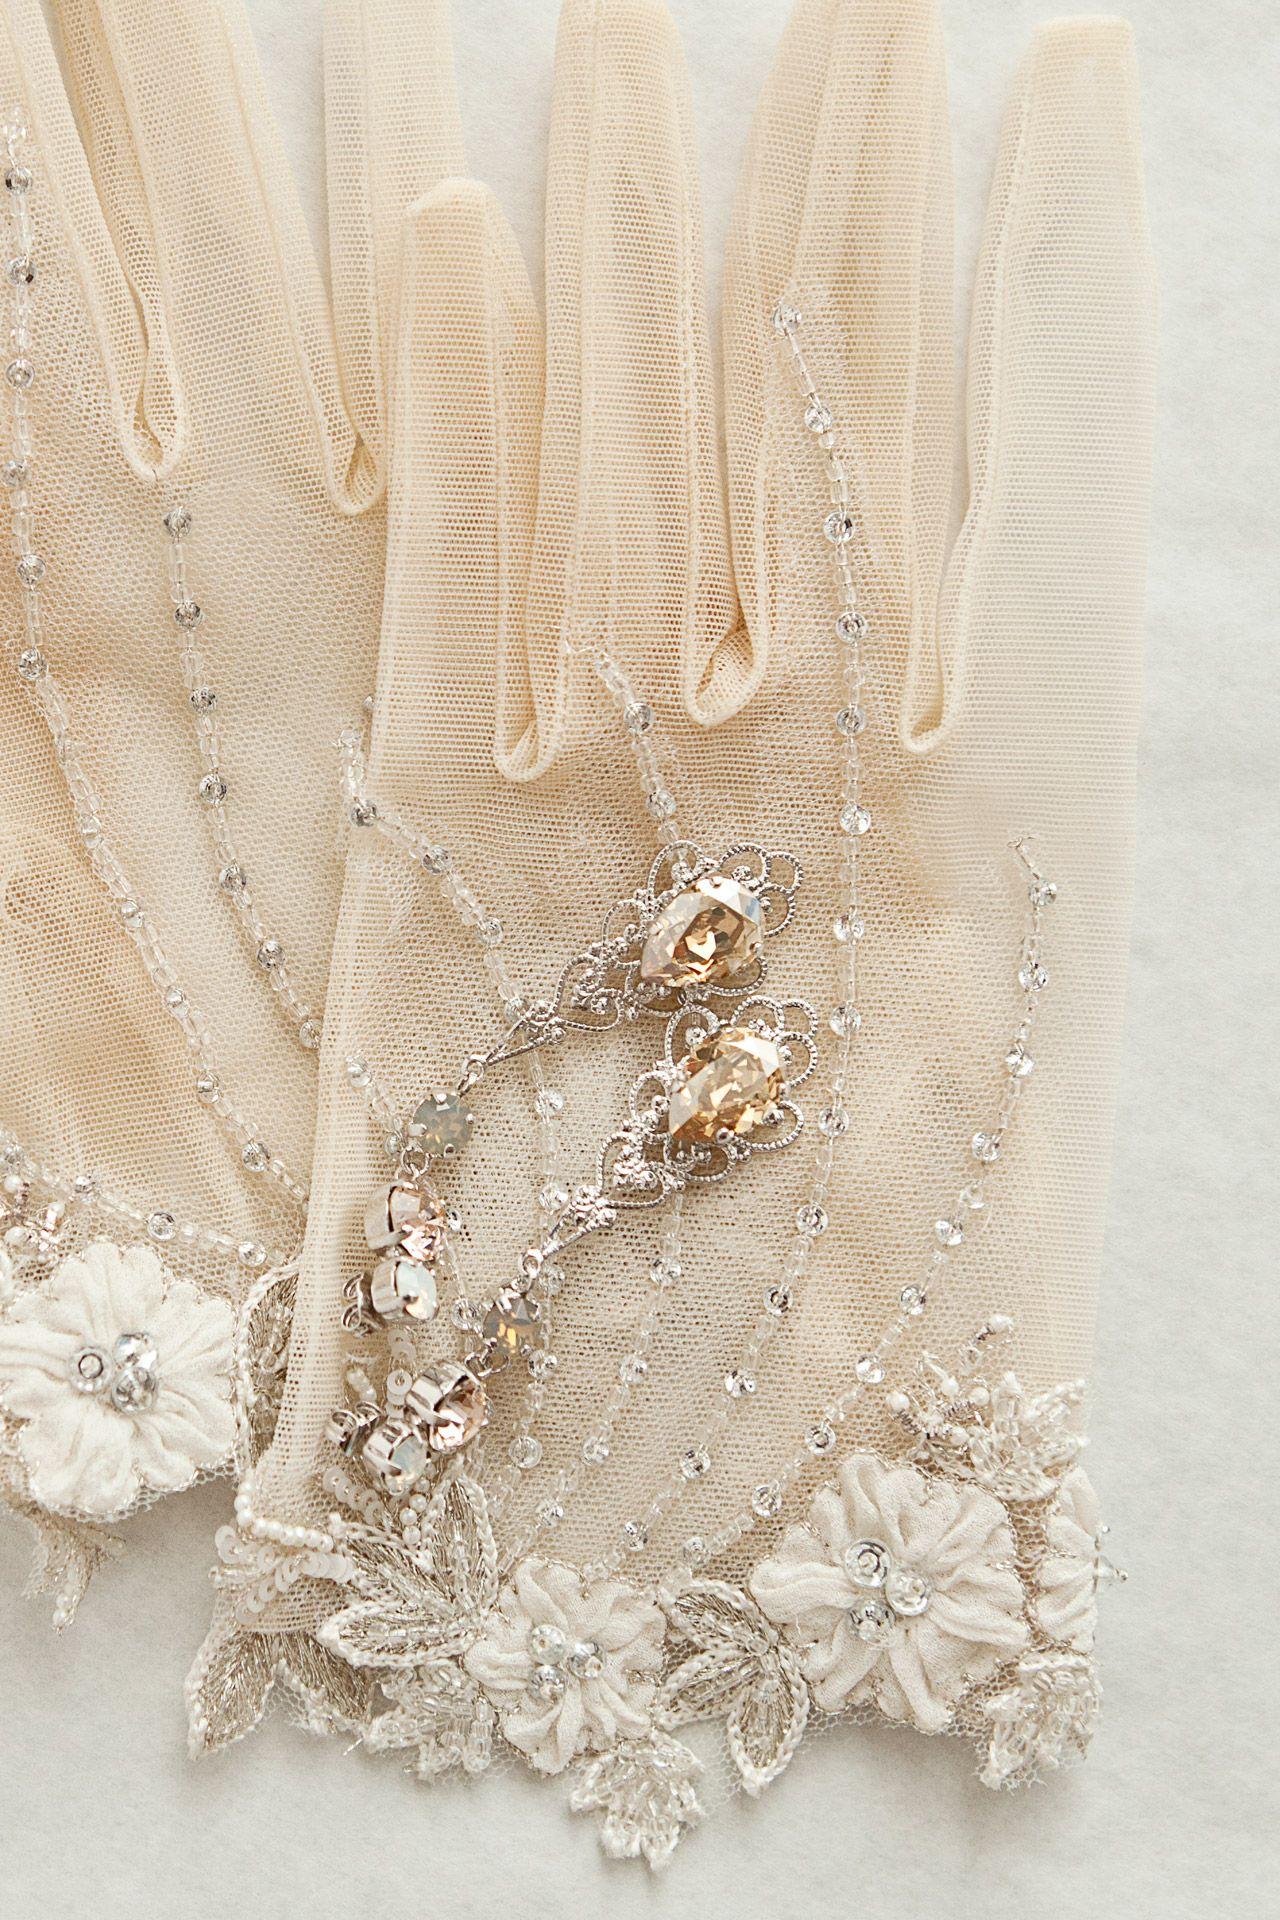 Accesorios de novia vintage: Guantes, peinas y pendientes #noviasvintage #accesoriosnovia #guantesdenovia